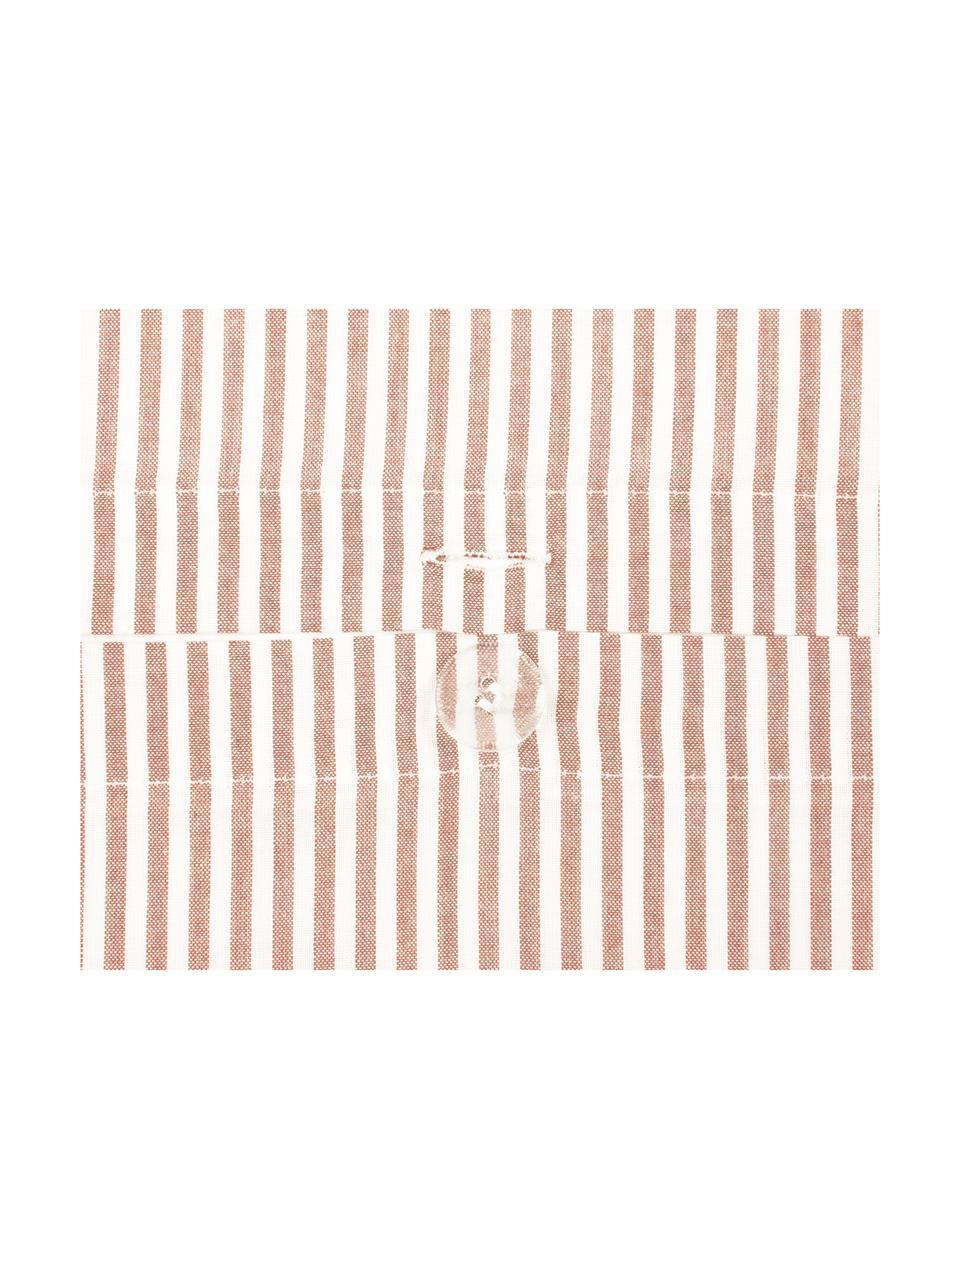 Baumwoll-Kopfkissenbezüge Ellie in Weiß/Rot, fein gestreift, 2 Stück, Webart: Renforcé Fadendichte 118 , Weiß, Rot, 40 x 80 cm